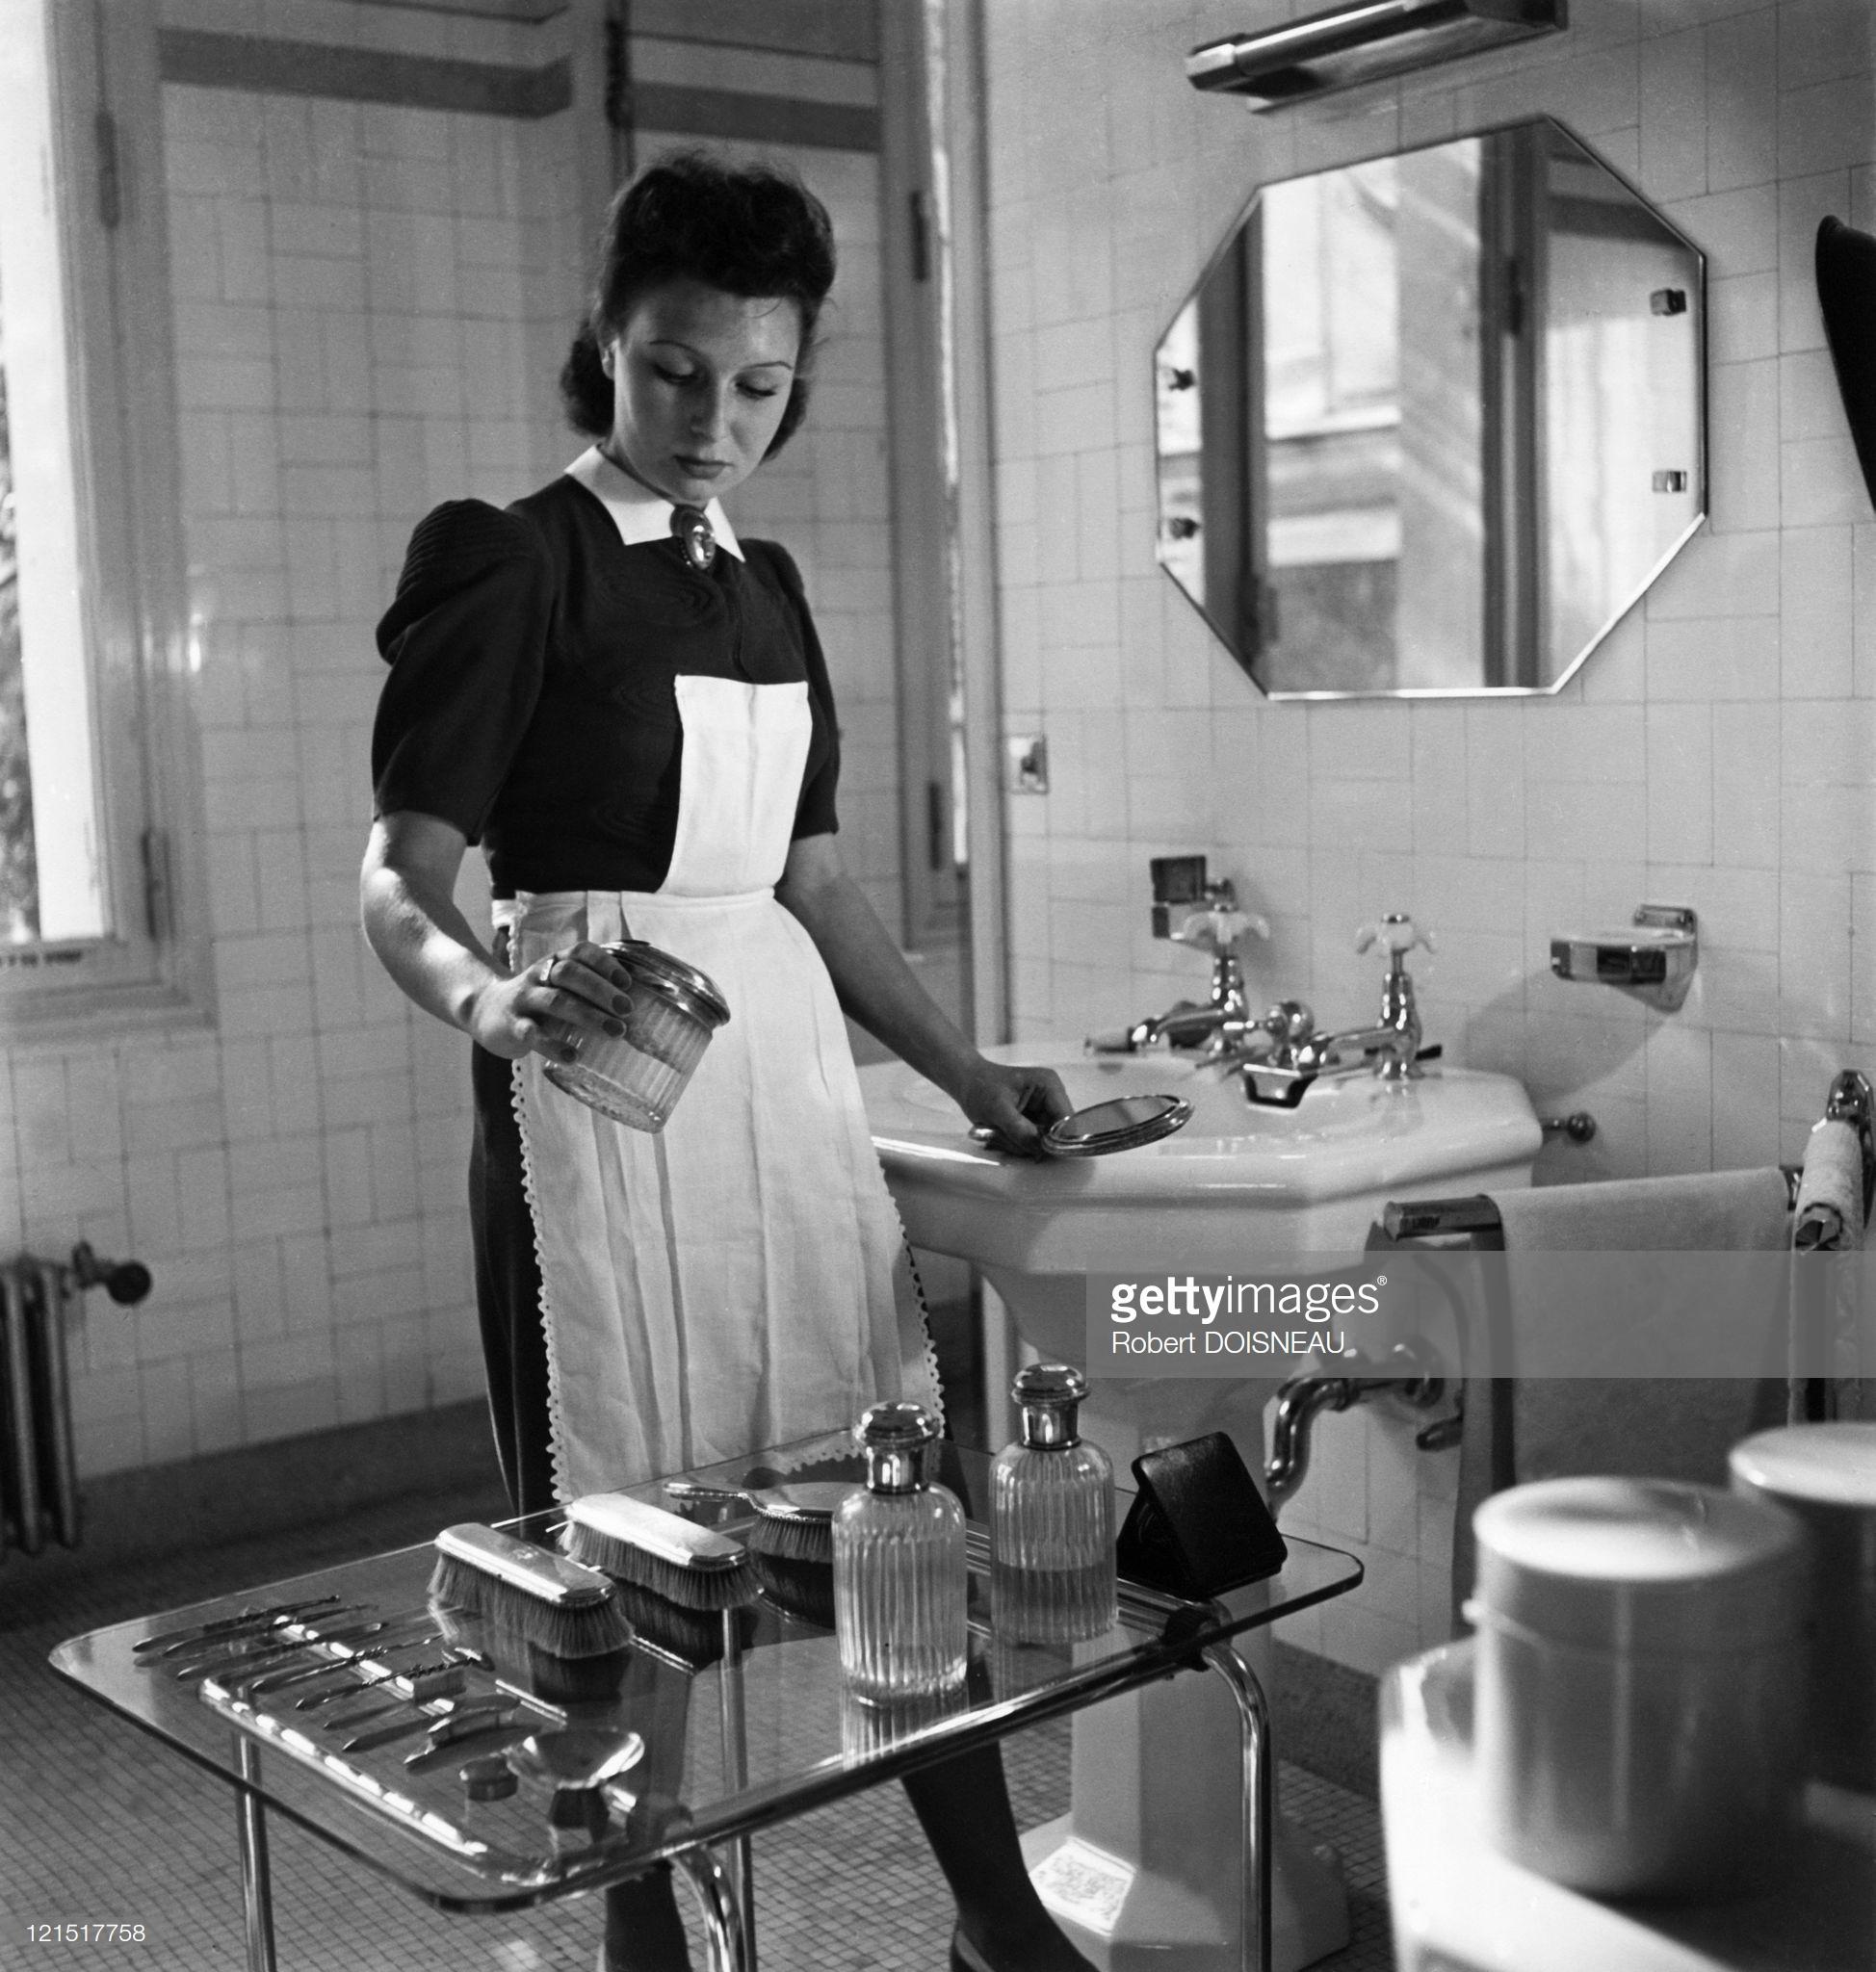 1940. Служанка за работой во время оккупации. Париж